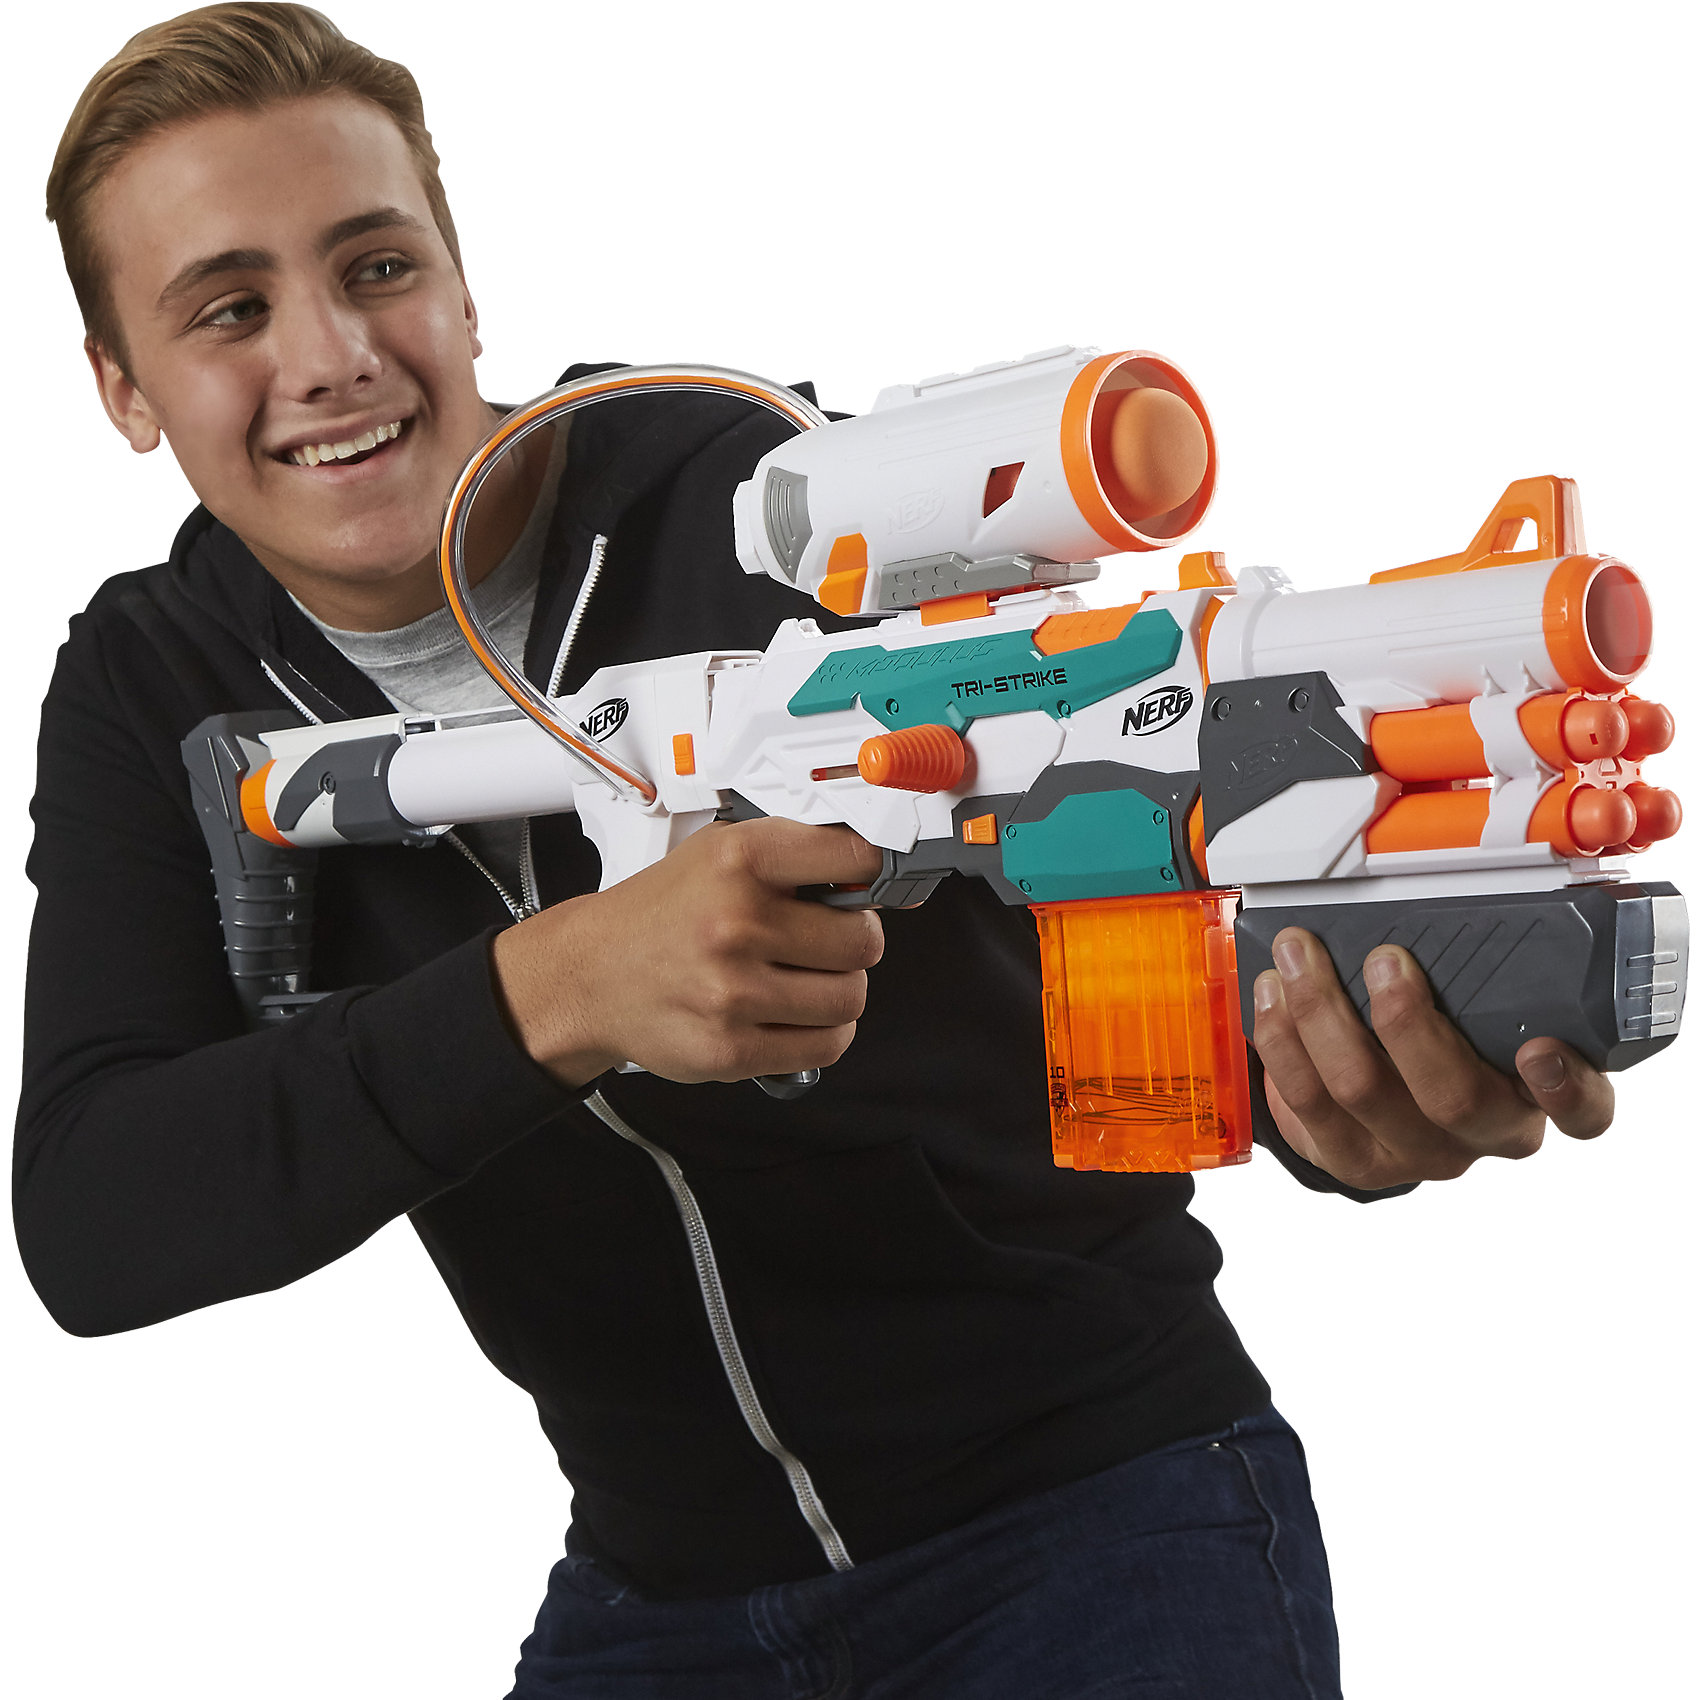 Бластер Модулус Три-Страйк, NERFБластер Модулус Три-Страйк, NERF - игрушка, которая позволит вашему ребенку одержать победы во всех сражениях! Оснащенный разнообразными боеприпасами, этот бластер наверняка станет любимой игрушкой вашего мальчика.<br><br>В комплект входят 4 крупные стрелы МЕГА, 10 стандартных стрел Элит и 1 ракета. Таким образом, 1 бластер сочетает в себе целых 3 типа стрельбы! Кроме того, данный бластер можно дополнять аксессуарами из других комплектов серии Модулус.<br><br>Дополнительная информация:<br><br>В комплект входит: бластер, прицел, насадка на дуло, подставка-упор, магазин на 10 стрел, крупные стрелы MEGA, 10 стандартных стрел Elite, 1 ракета.<br>Материалы: пластмасса.<br>Размер упаковки: 76 х 8.5 х 38 см.<br>Вес: 2.32 кг.<br><br>Бластер Модулус Три-Страйк, NERF можно купить в нашем интернет-магазине.<br><br>Ширина мм: 758<br>Глубина мм: 378<br>Высота мм: 88<br>Вес г: 2069<br>Возраст от месяцев: 96<br>Возраст до месяцев: 156<br>Пол: Мужской<br>Возраст: Детский<br>SKU: 4652000